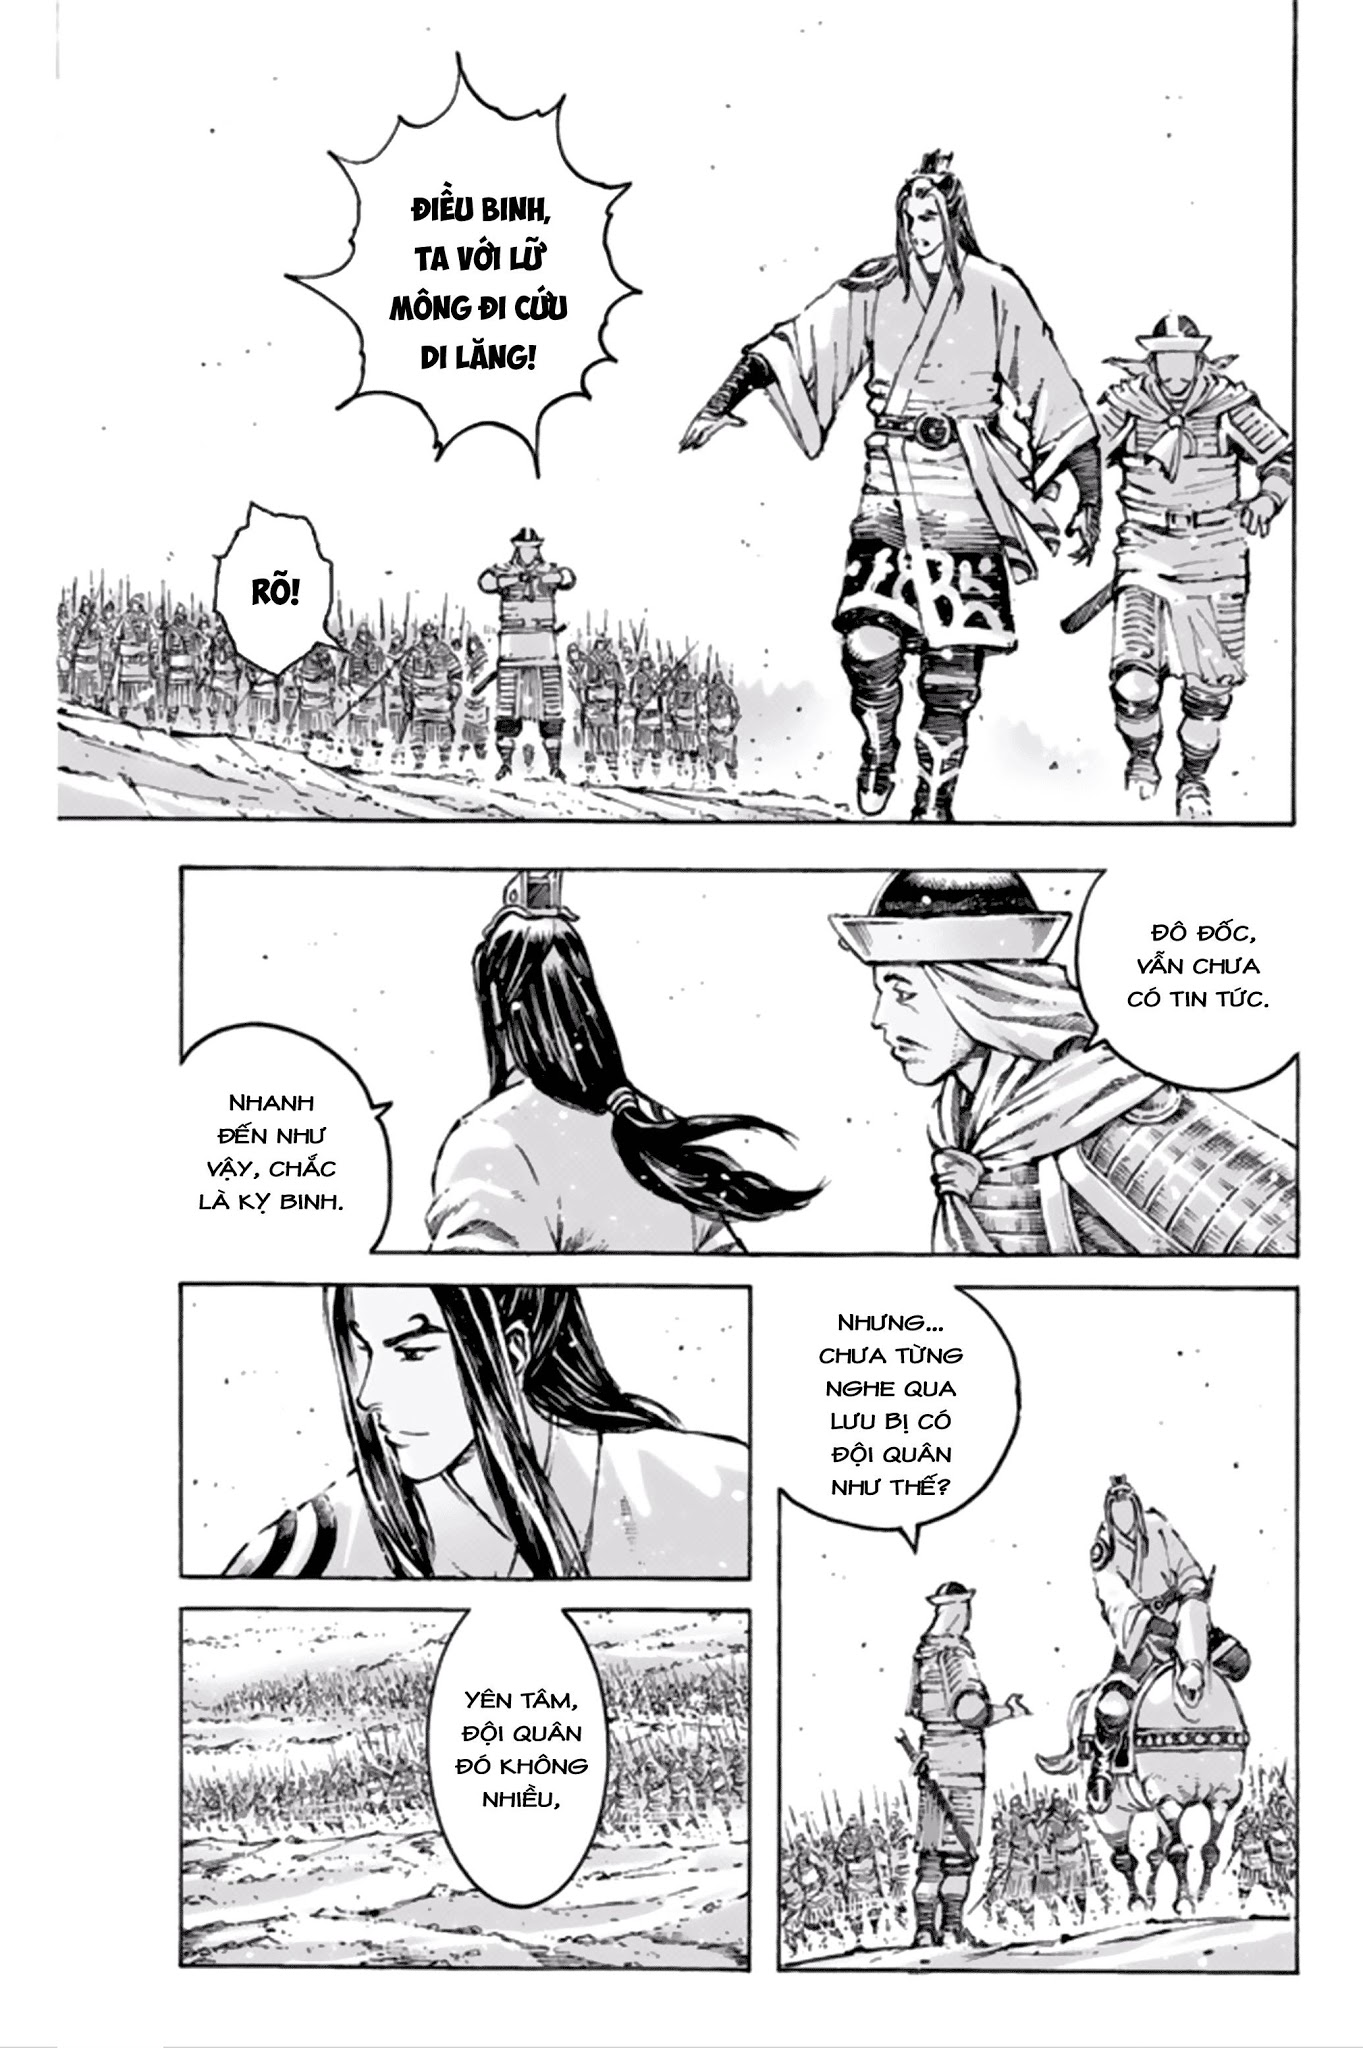 Hỏa Phụng Liêu Nguyên chap 487 Trang 8 - Mangak.info